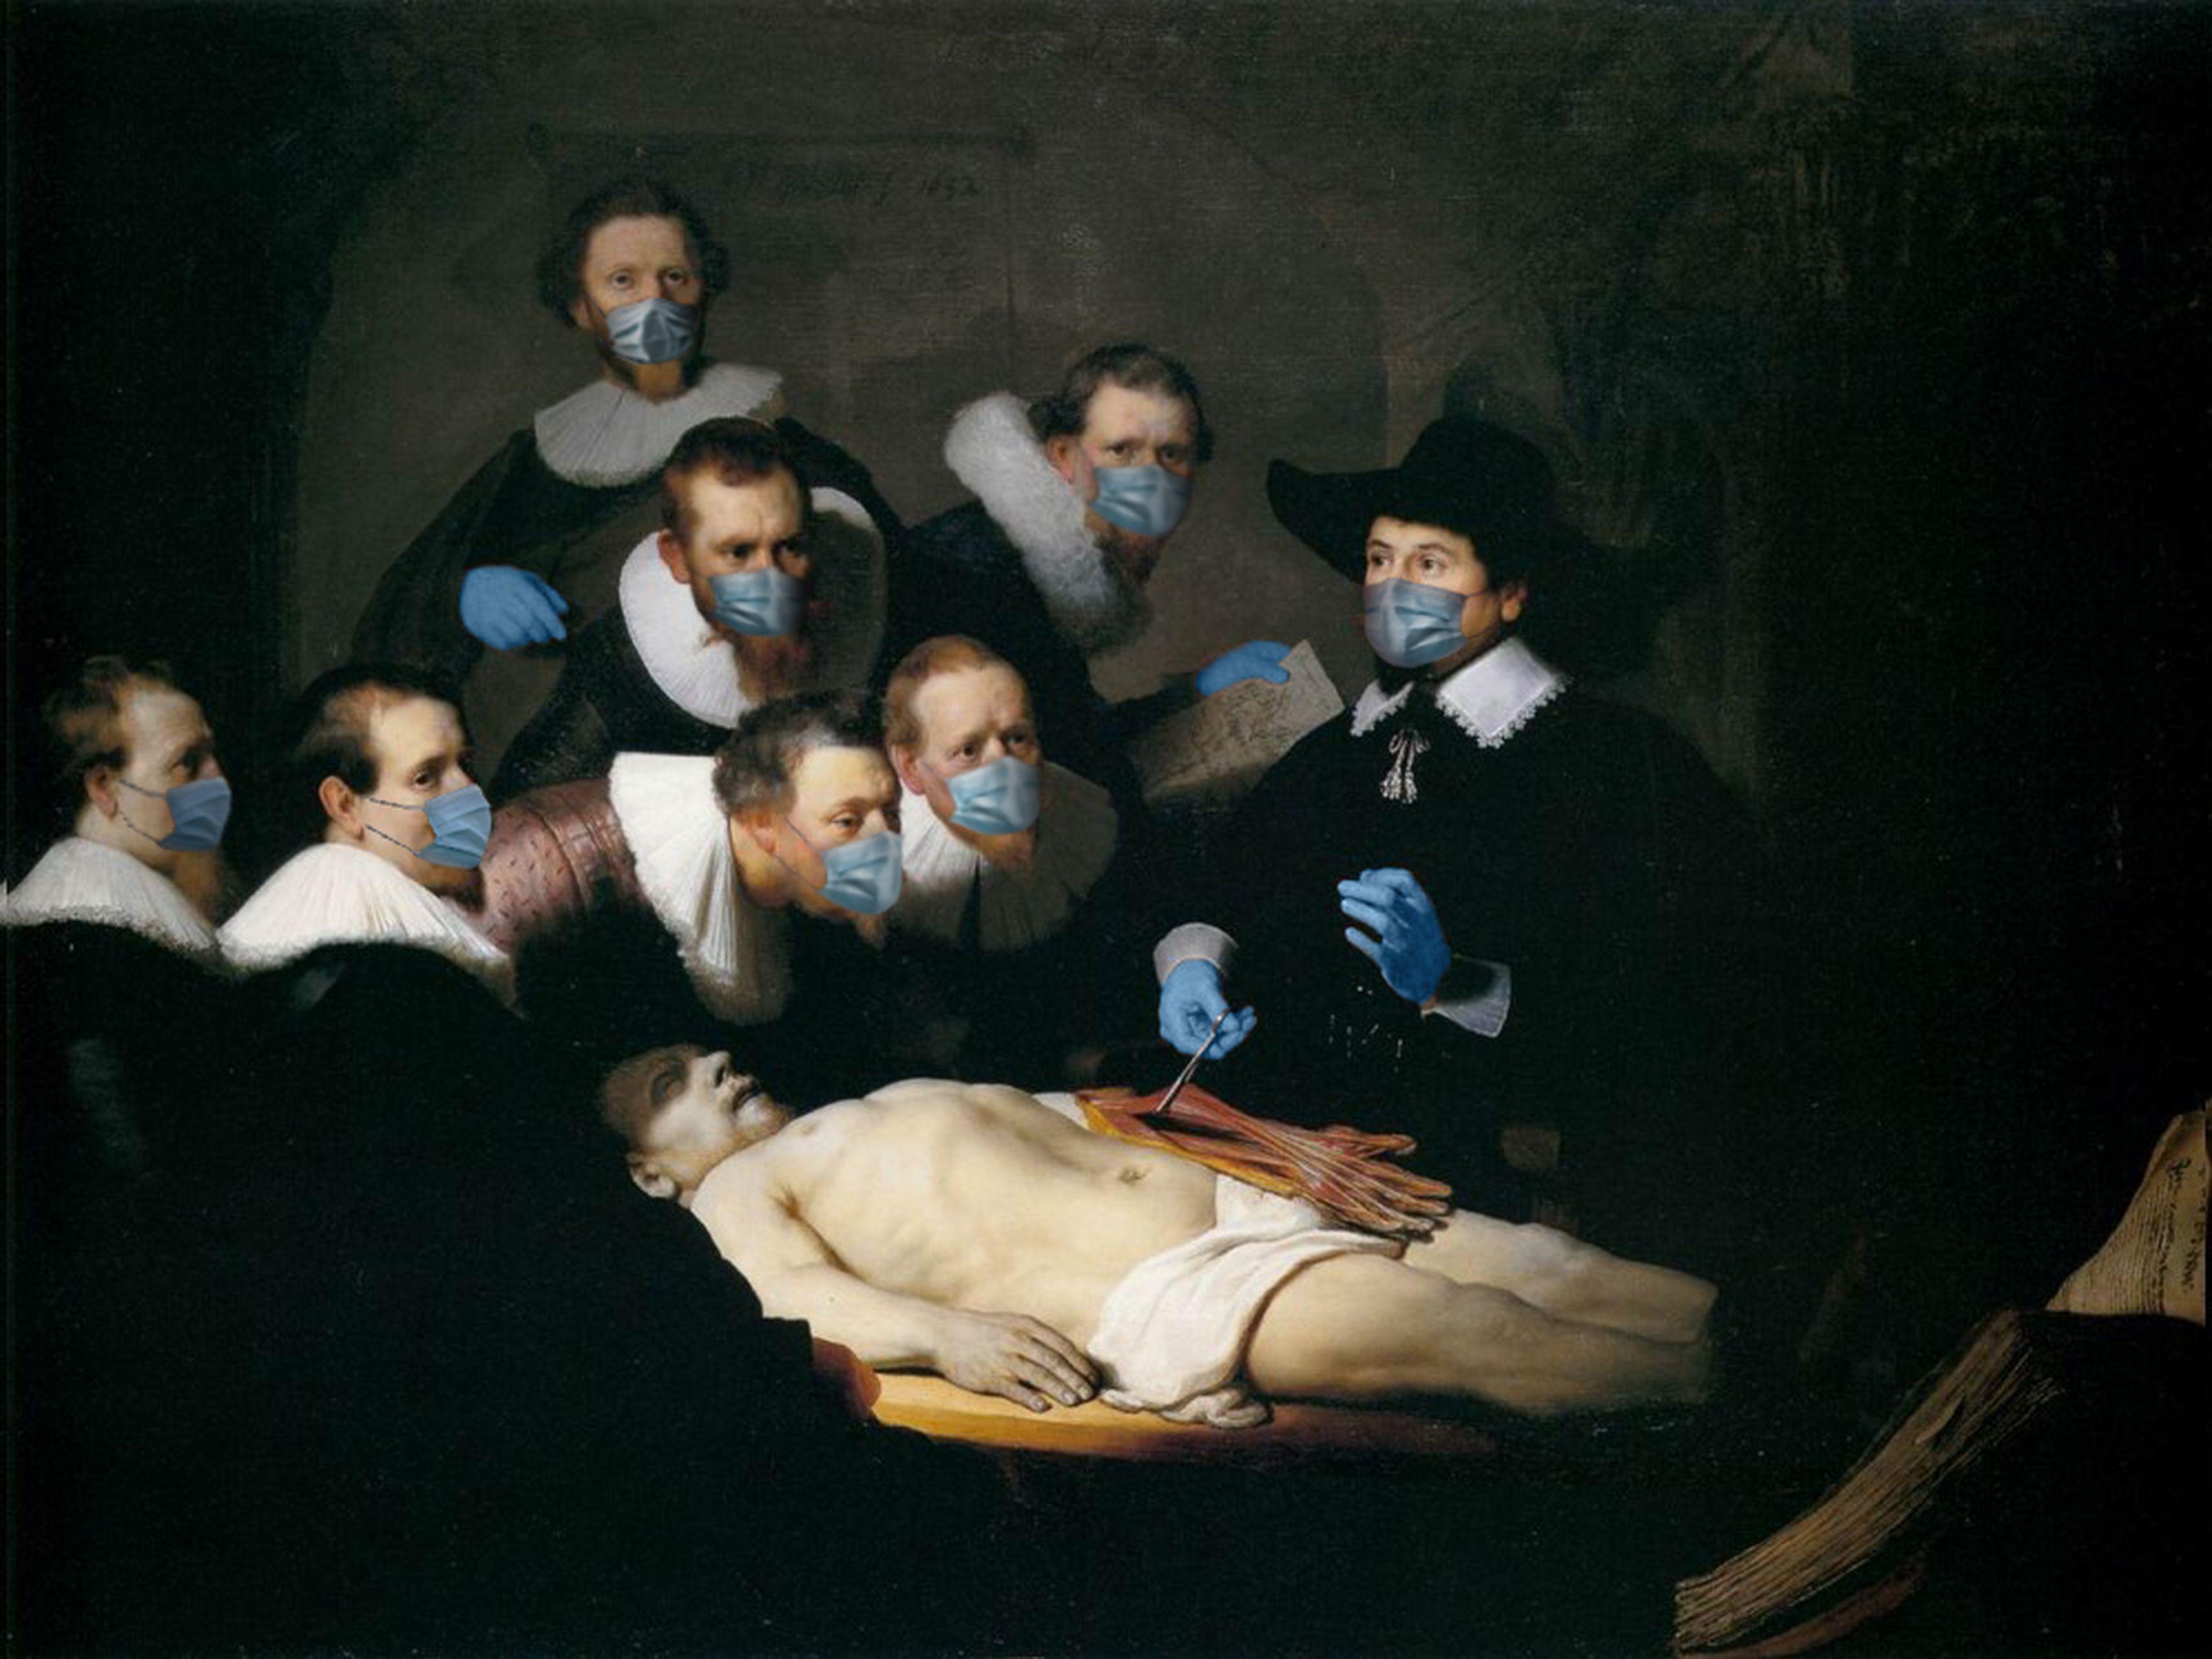 La lección de anatomía del Dr. Nicolaes Tulp / Rembrandt/POA Estudio